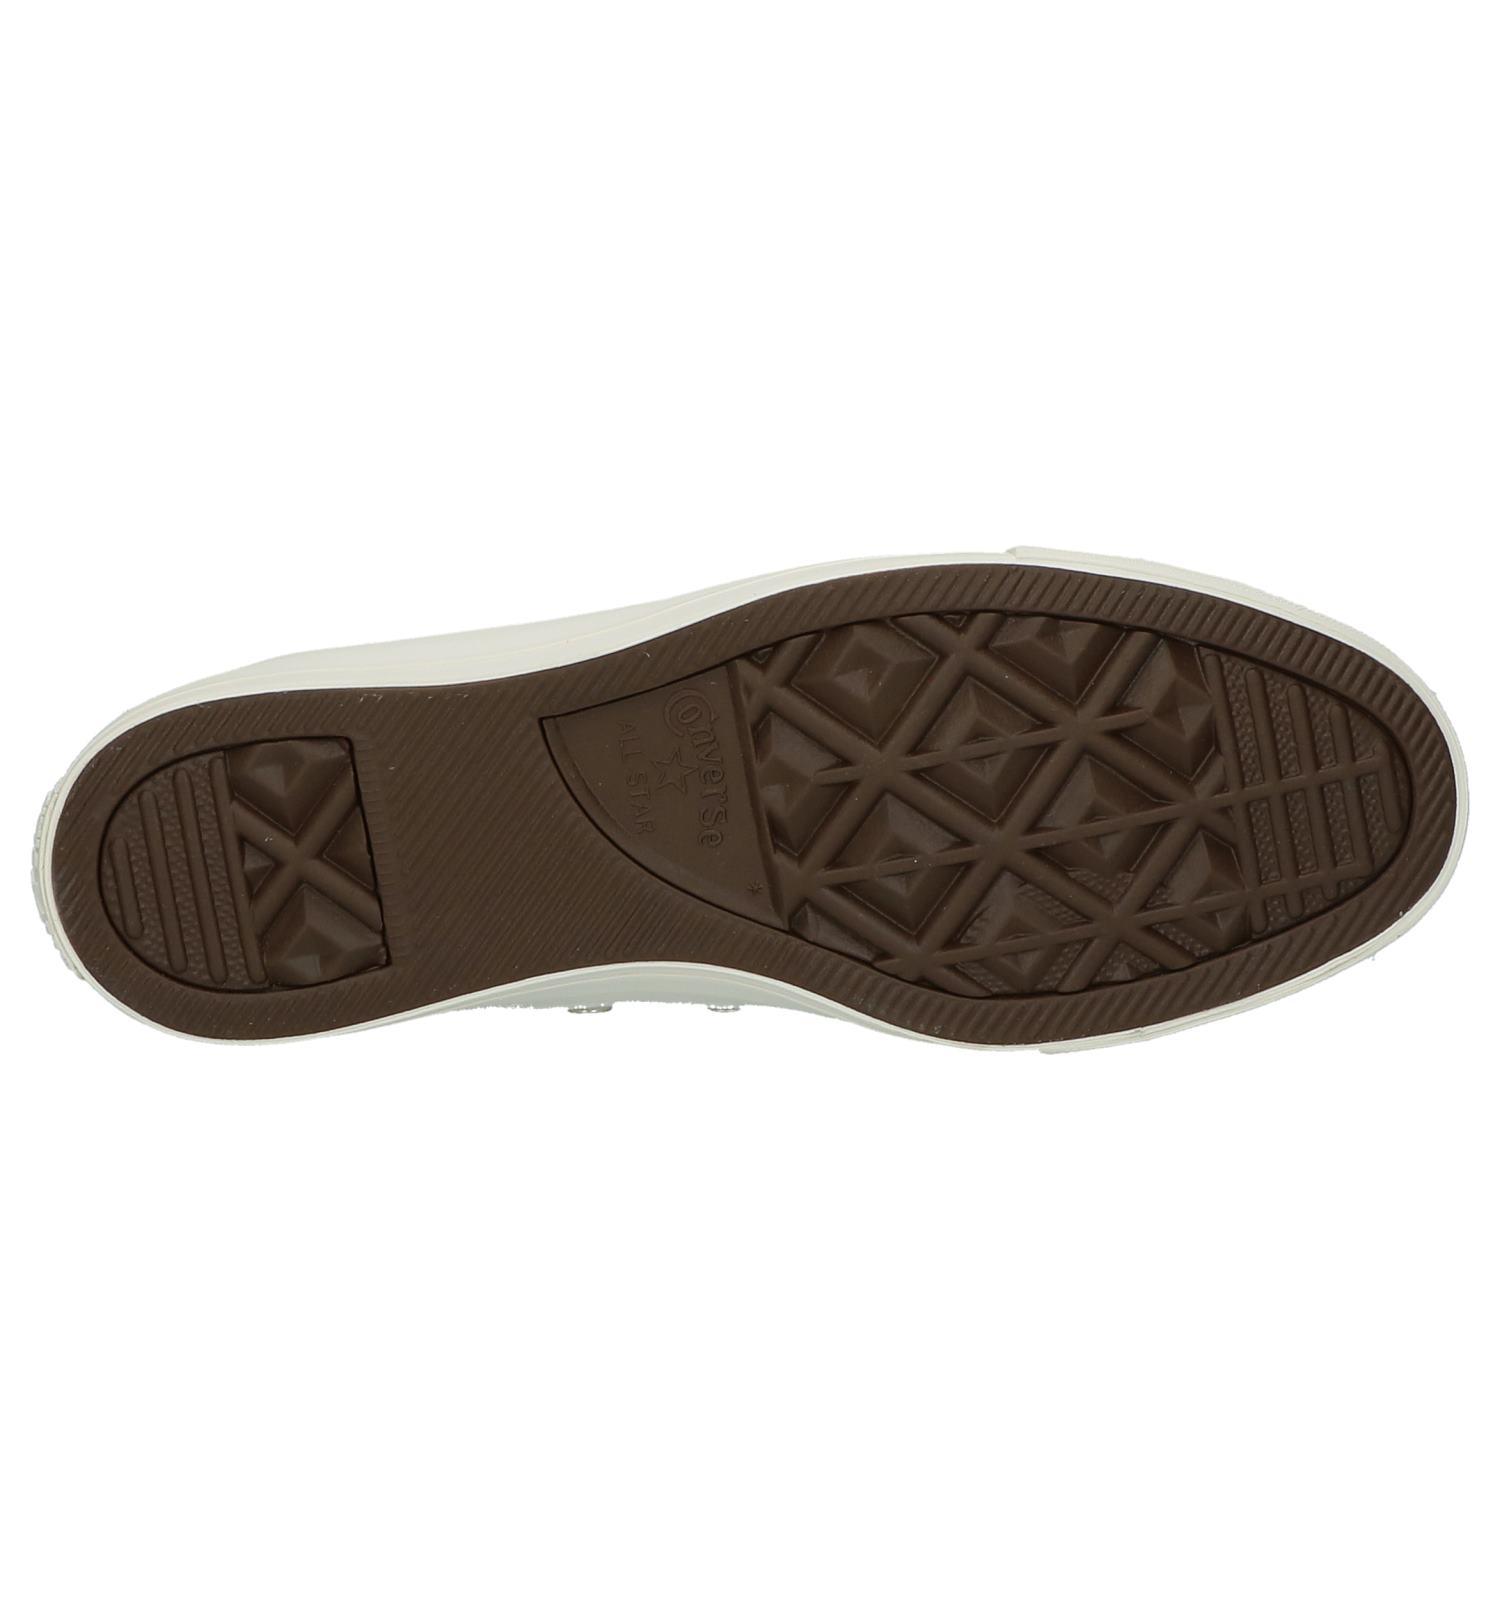 c2065c78993 Sneakers Ecru Converse Chuck Taylor All Star High | TORFS.BE | Gratis  verzend en retour